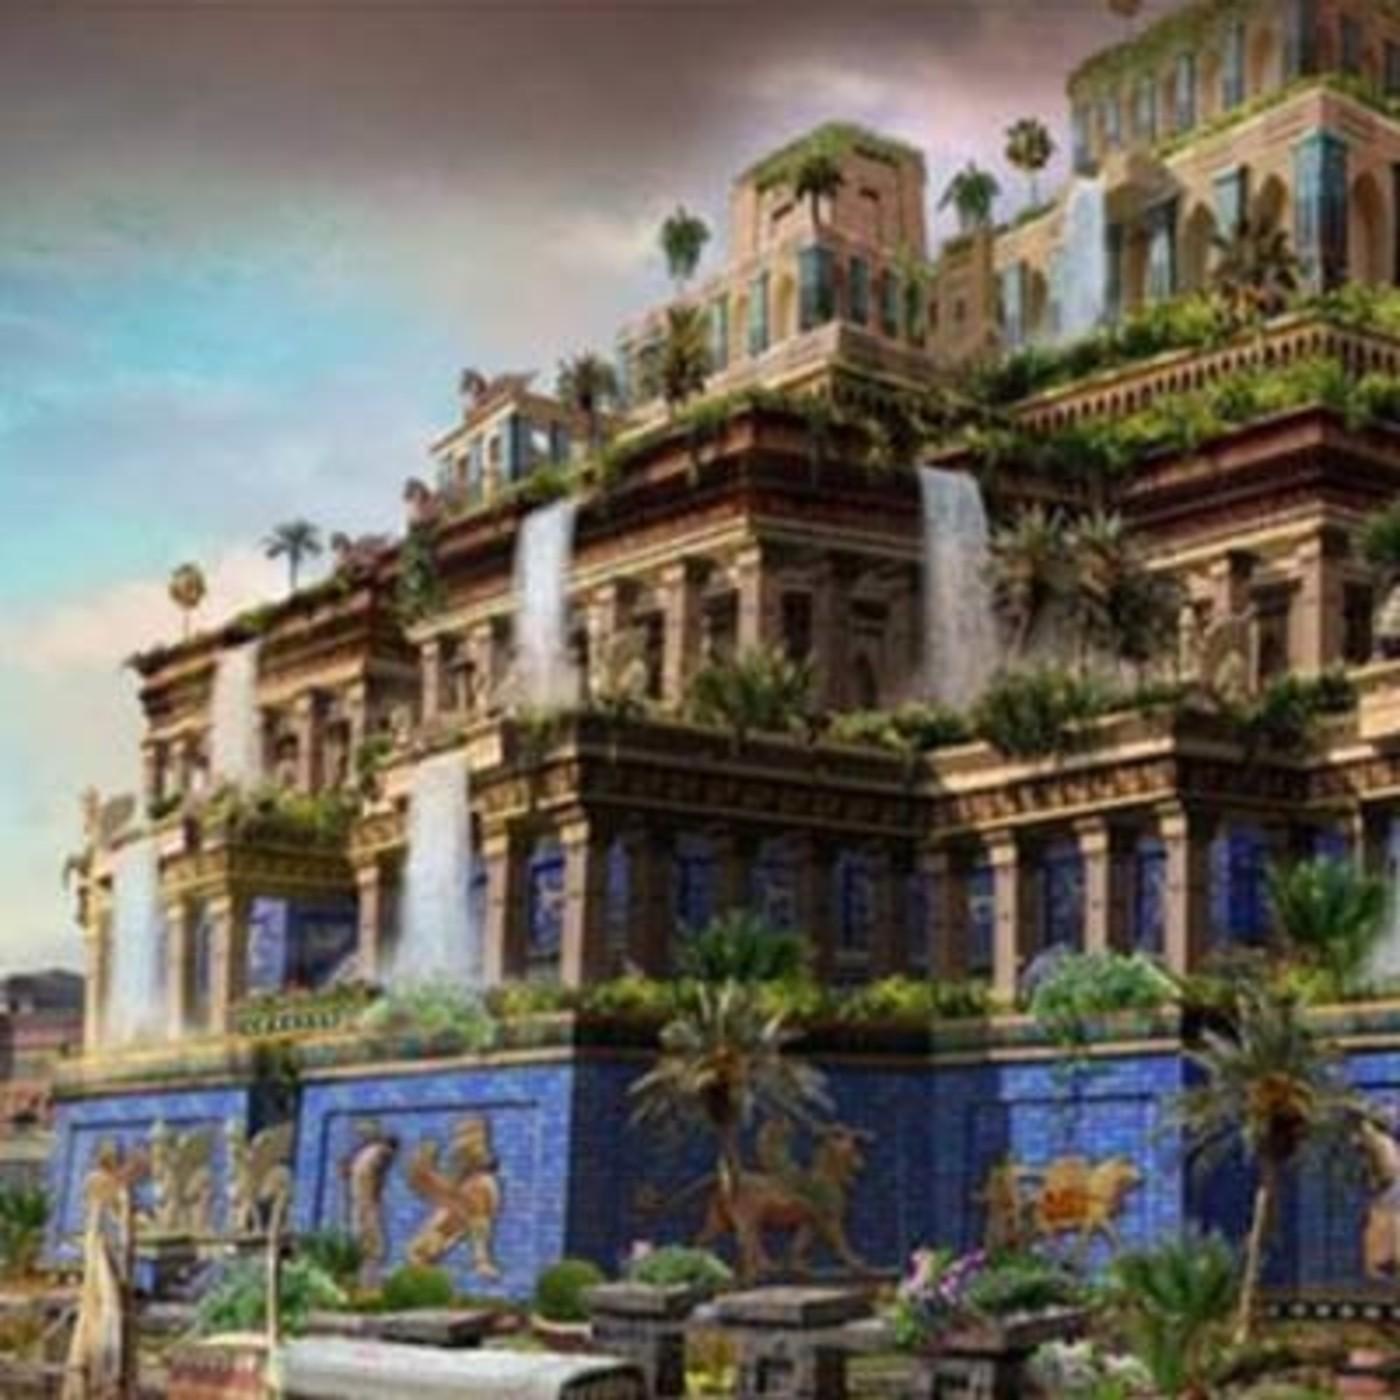 Los jardines colgantes de babilonia en podcast de historia for Jardines colgantes de babilonia